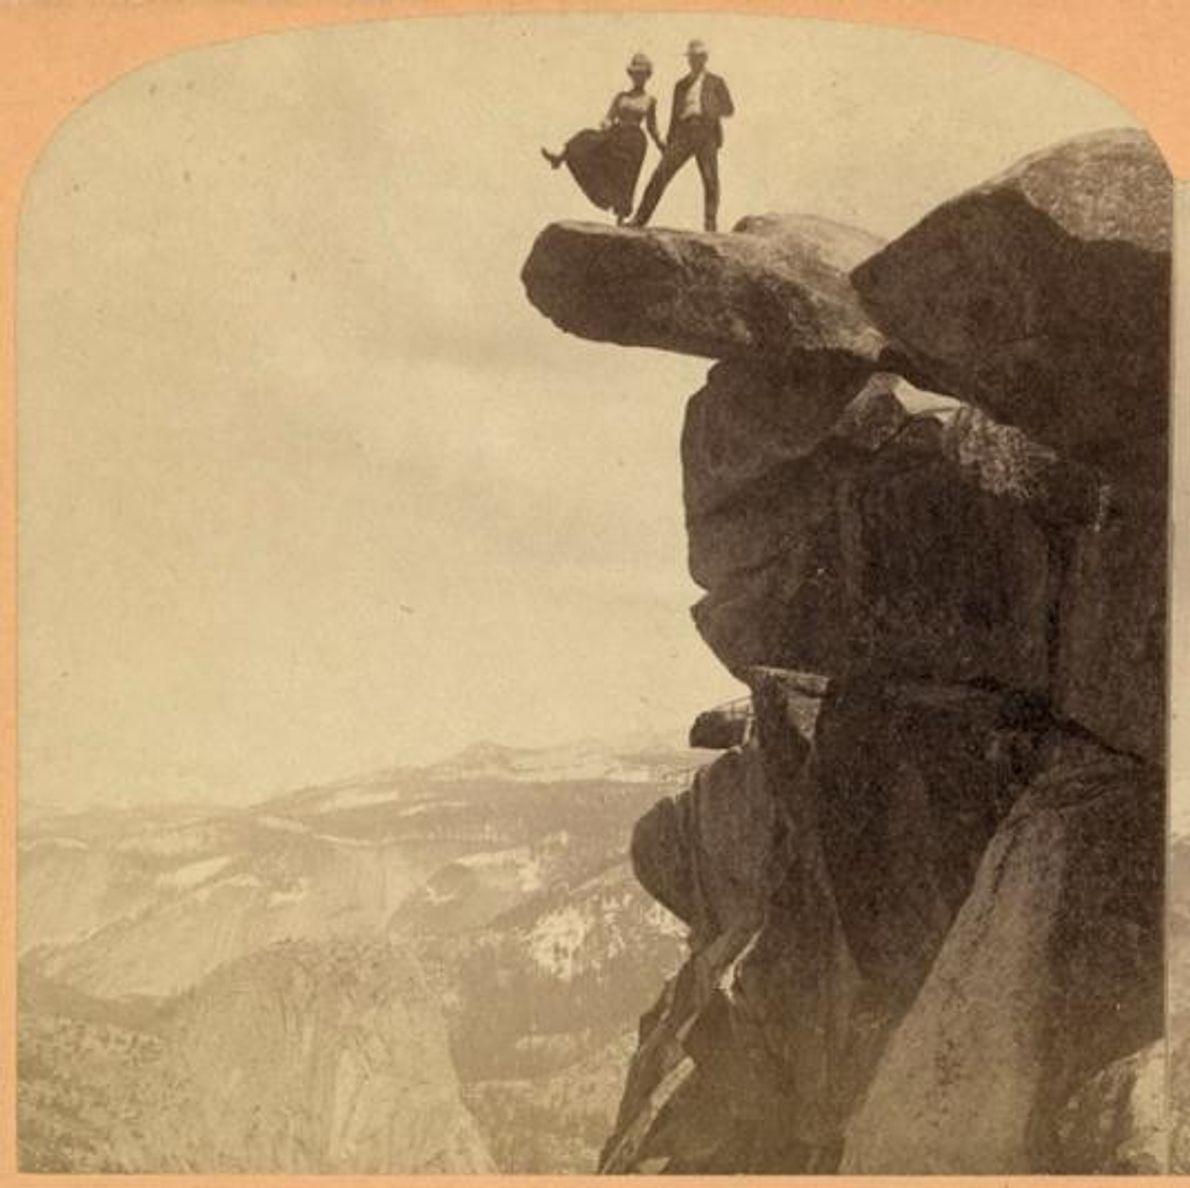 GLACIER POINT, YOSEMITE, POR VOLTA DE 1902